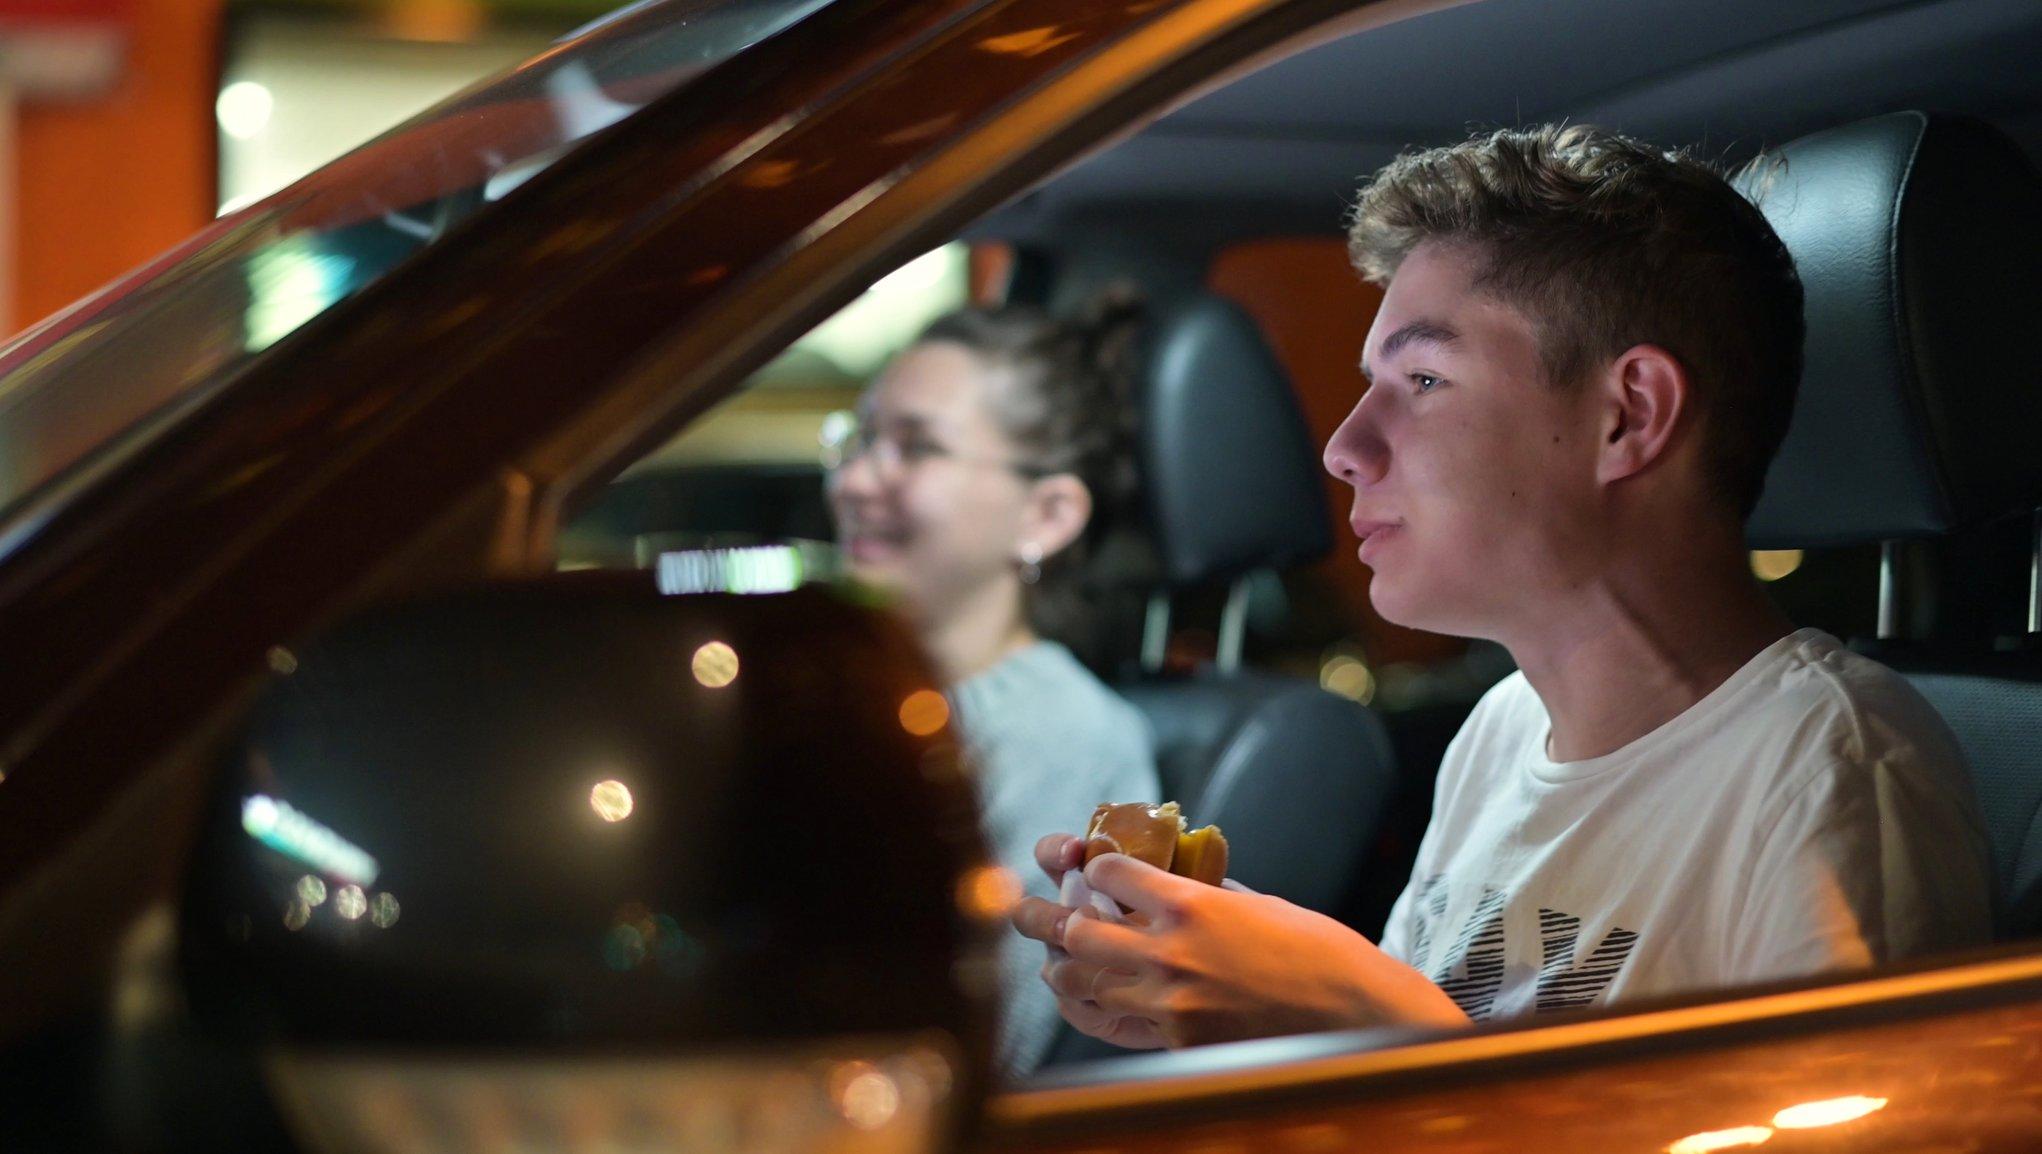 Nainen ja mies autossa, nainen pitelee tablettia